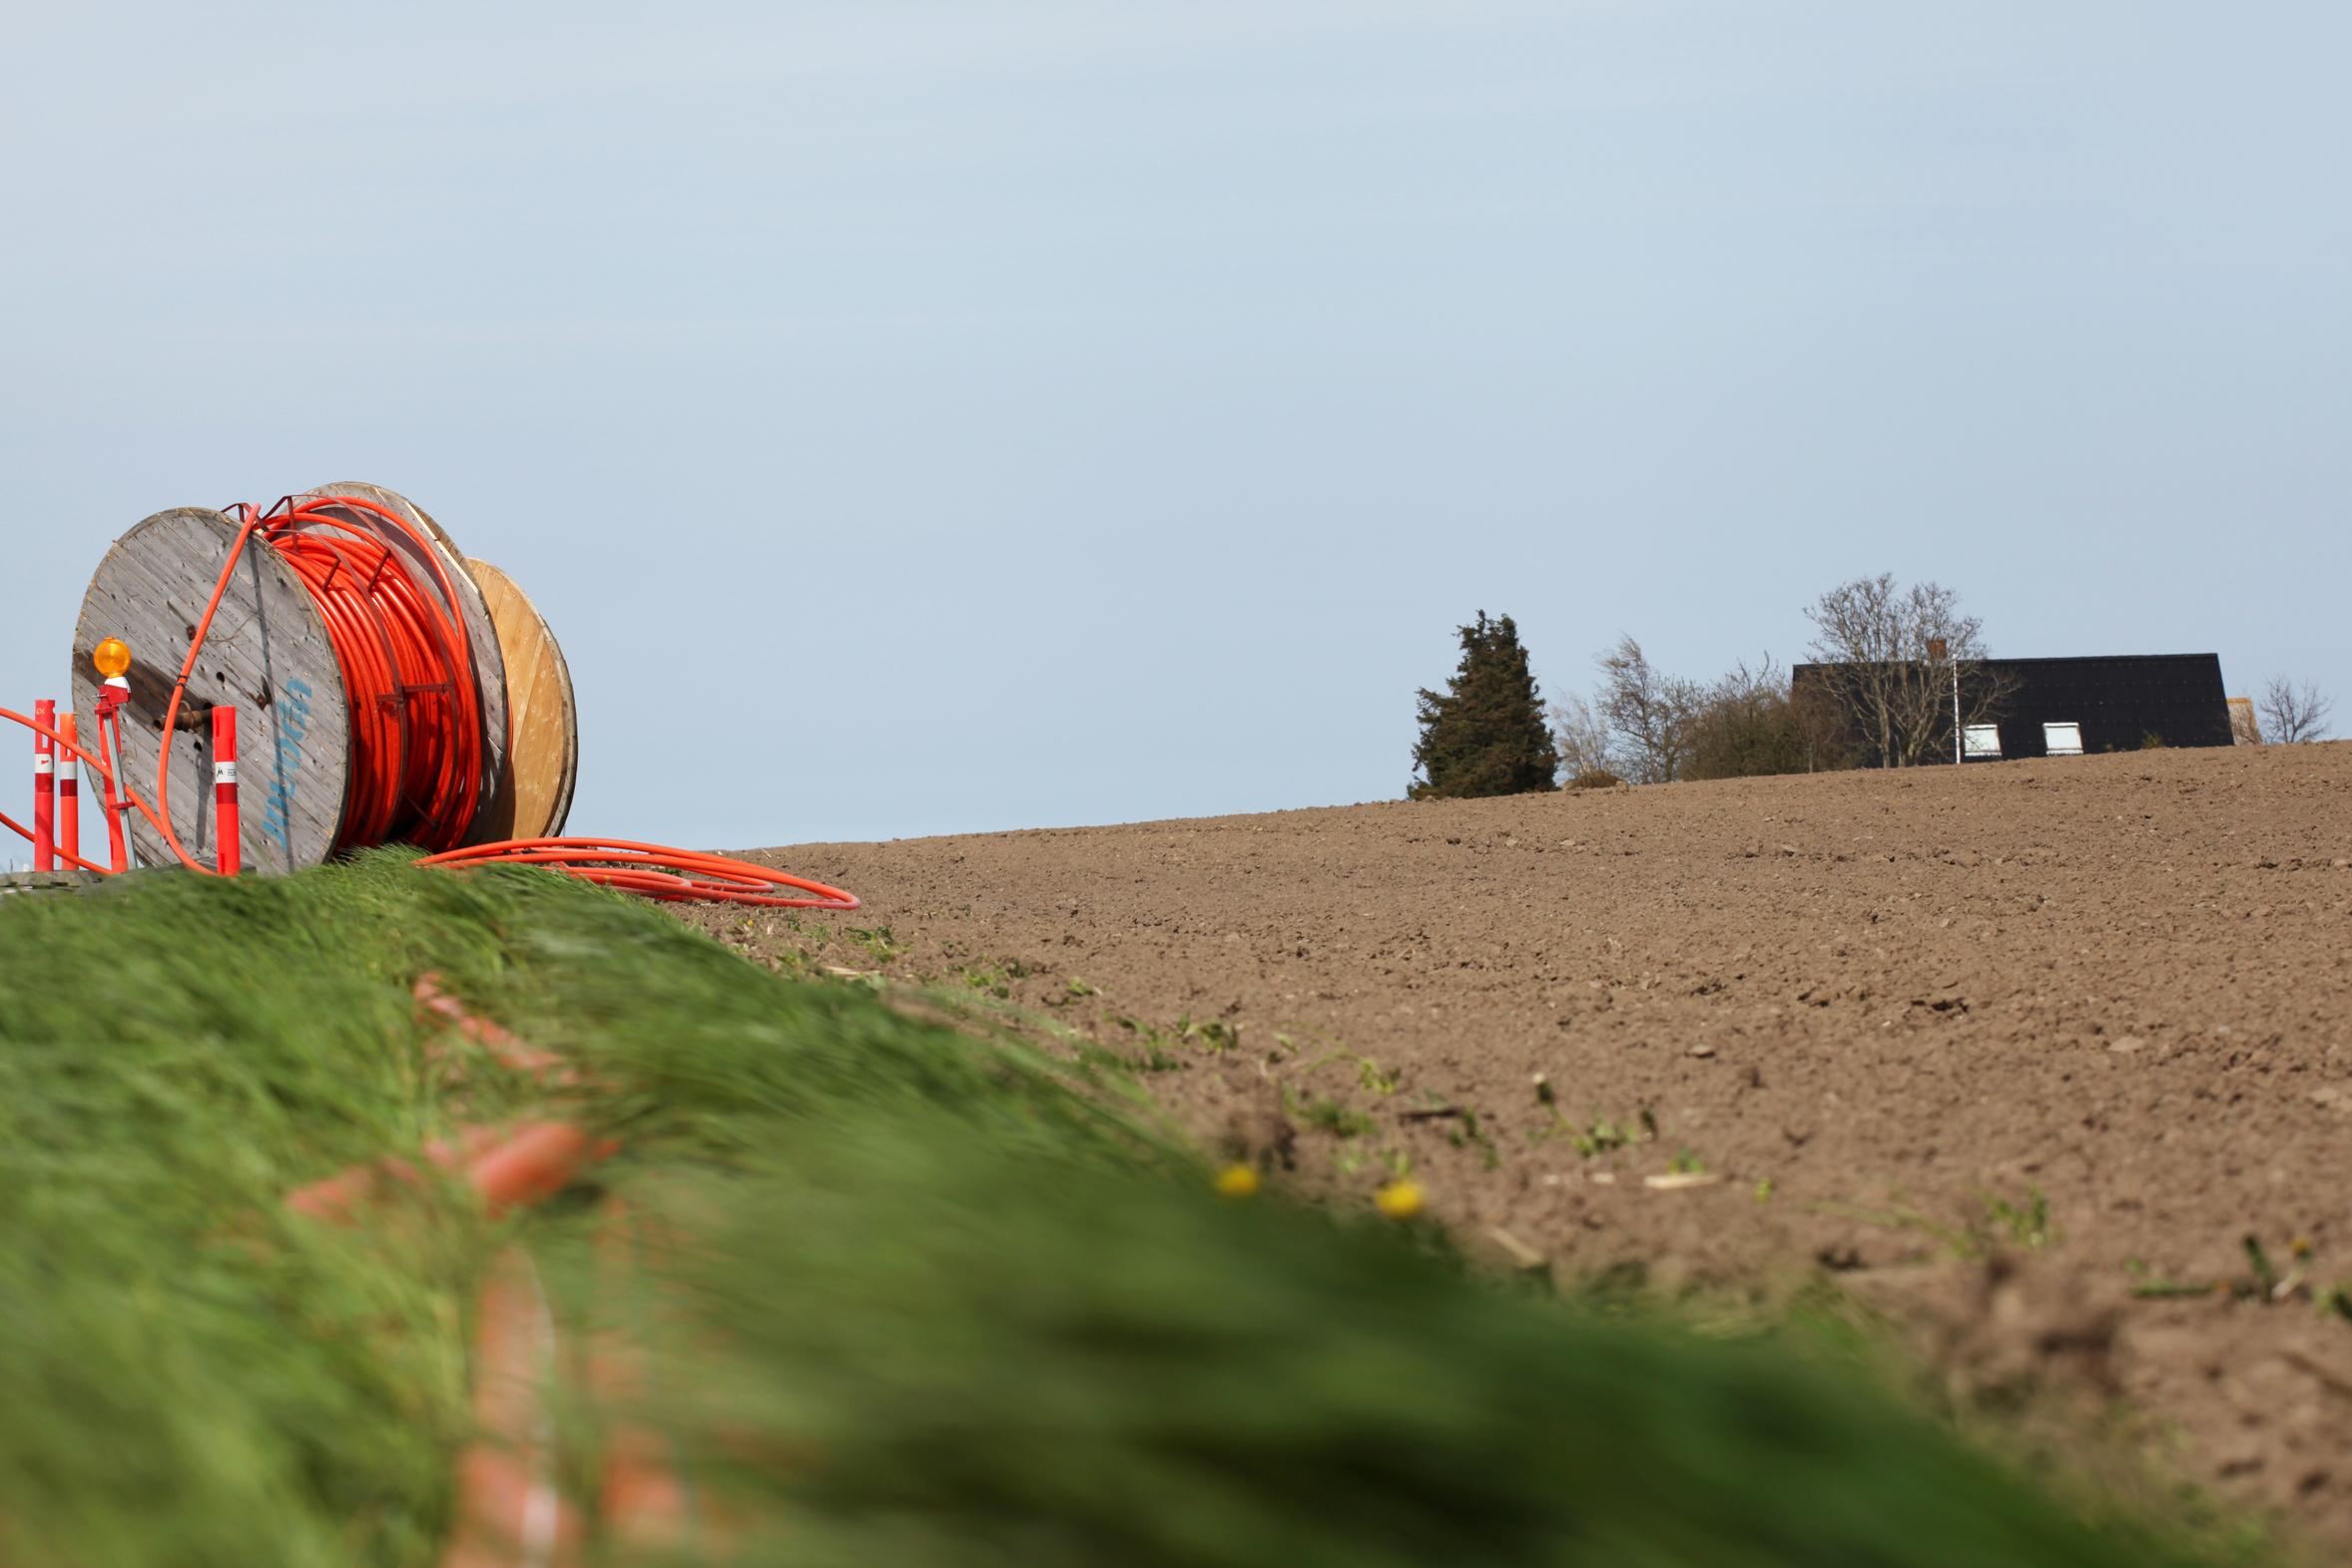 Волокно в сельской местности